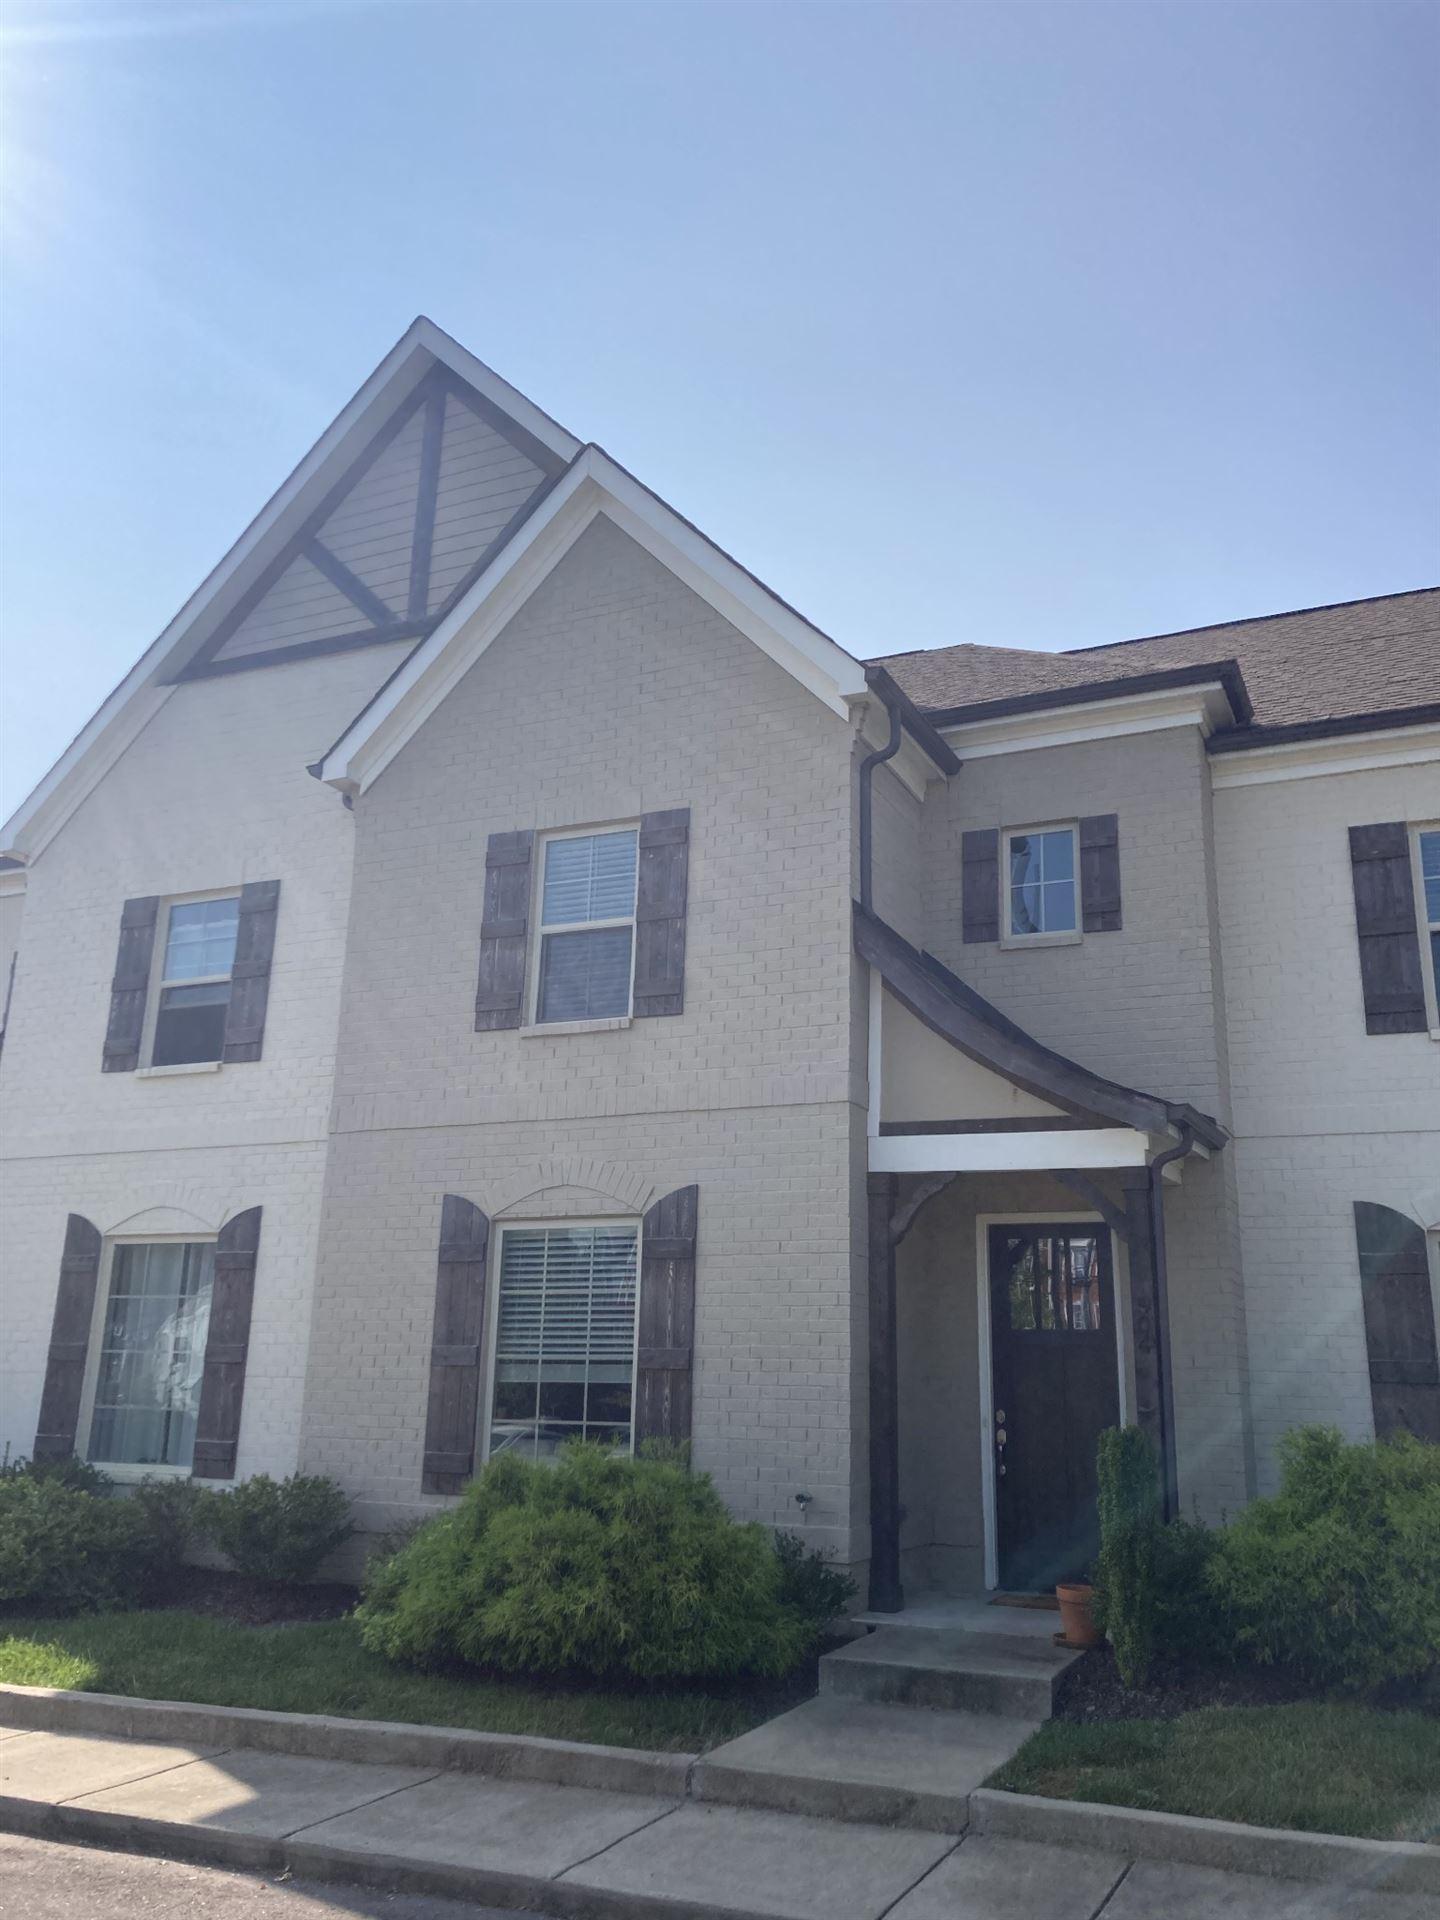 504 Harpeth Park Dr, Nashville, TN 37221 - MLS#: 2196267